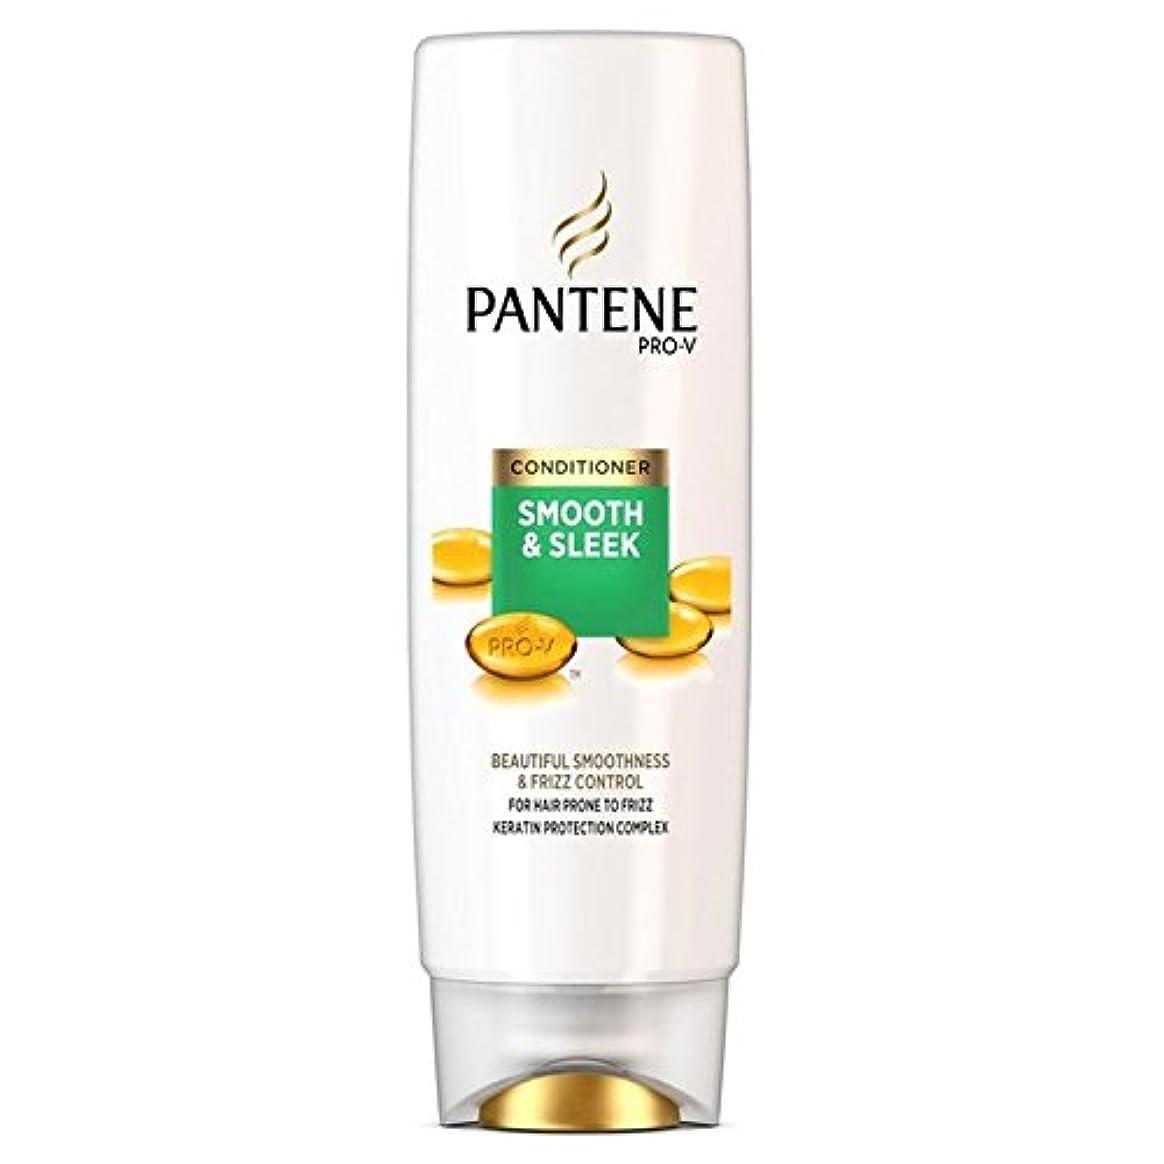 ラインナップ苦痛世界の窓パンテーンコンディショナースムーズ&縮れ250ミリリットルを受けやすい髪になめらかな x2 - Pantene Conditioner Smooth & Sleek For Hair Prone to Frizz 250ml...